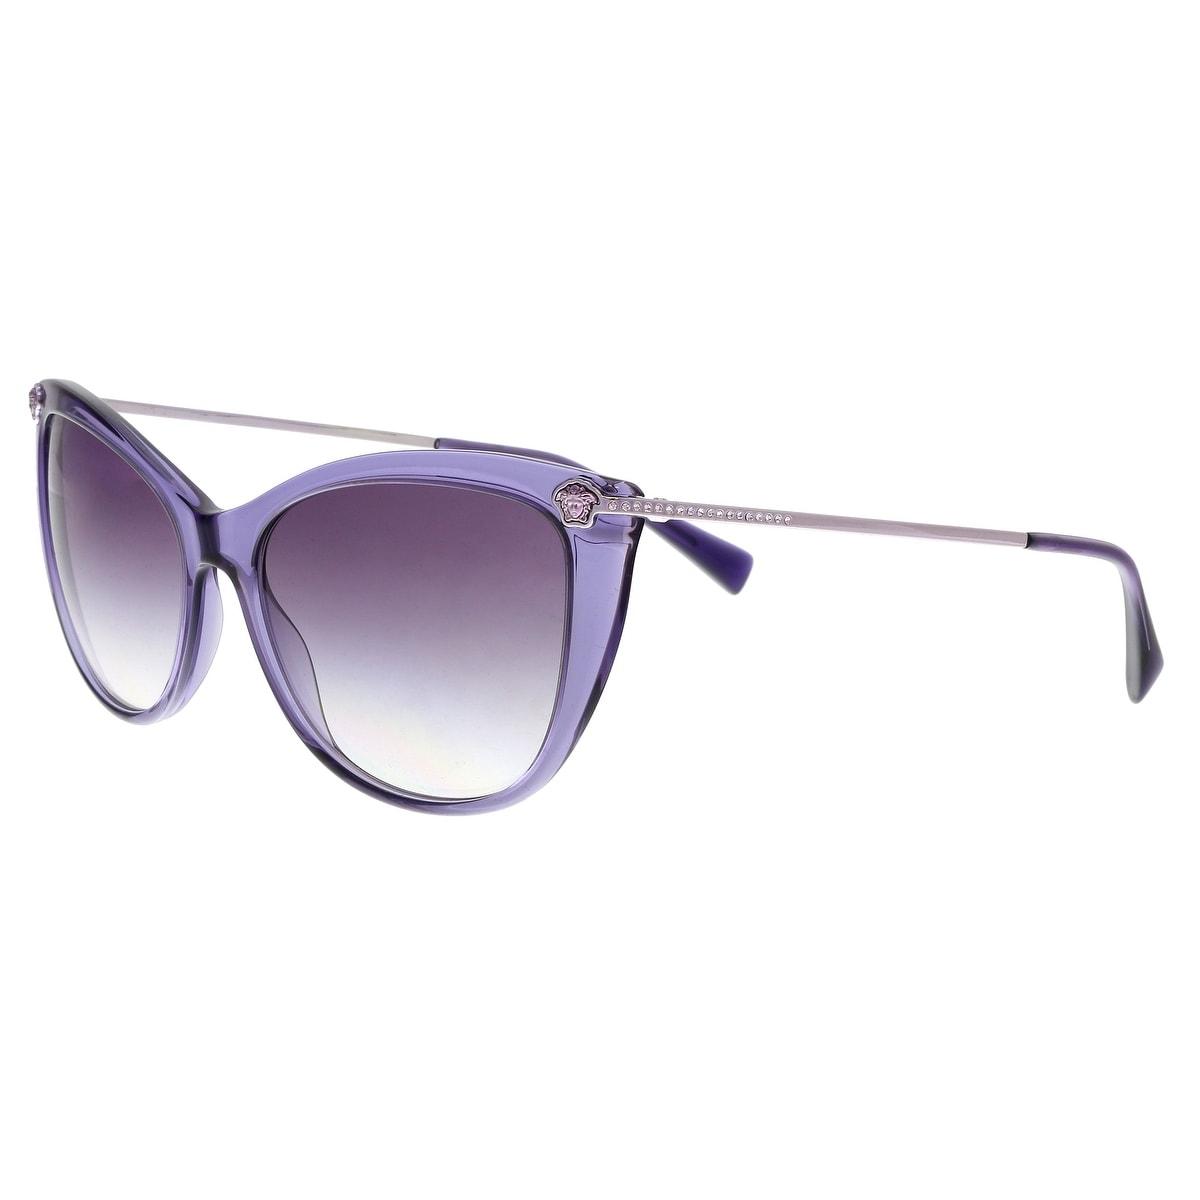 debd2af77674 Versace Women s Sunglasses